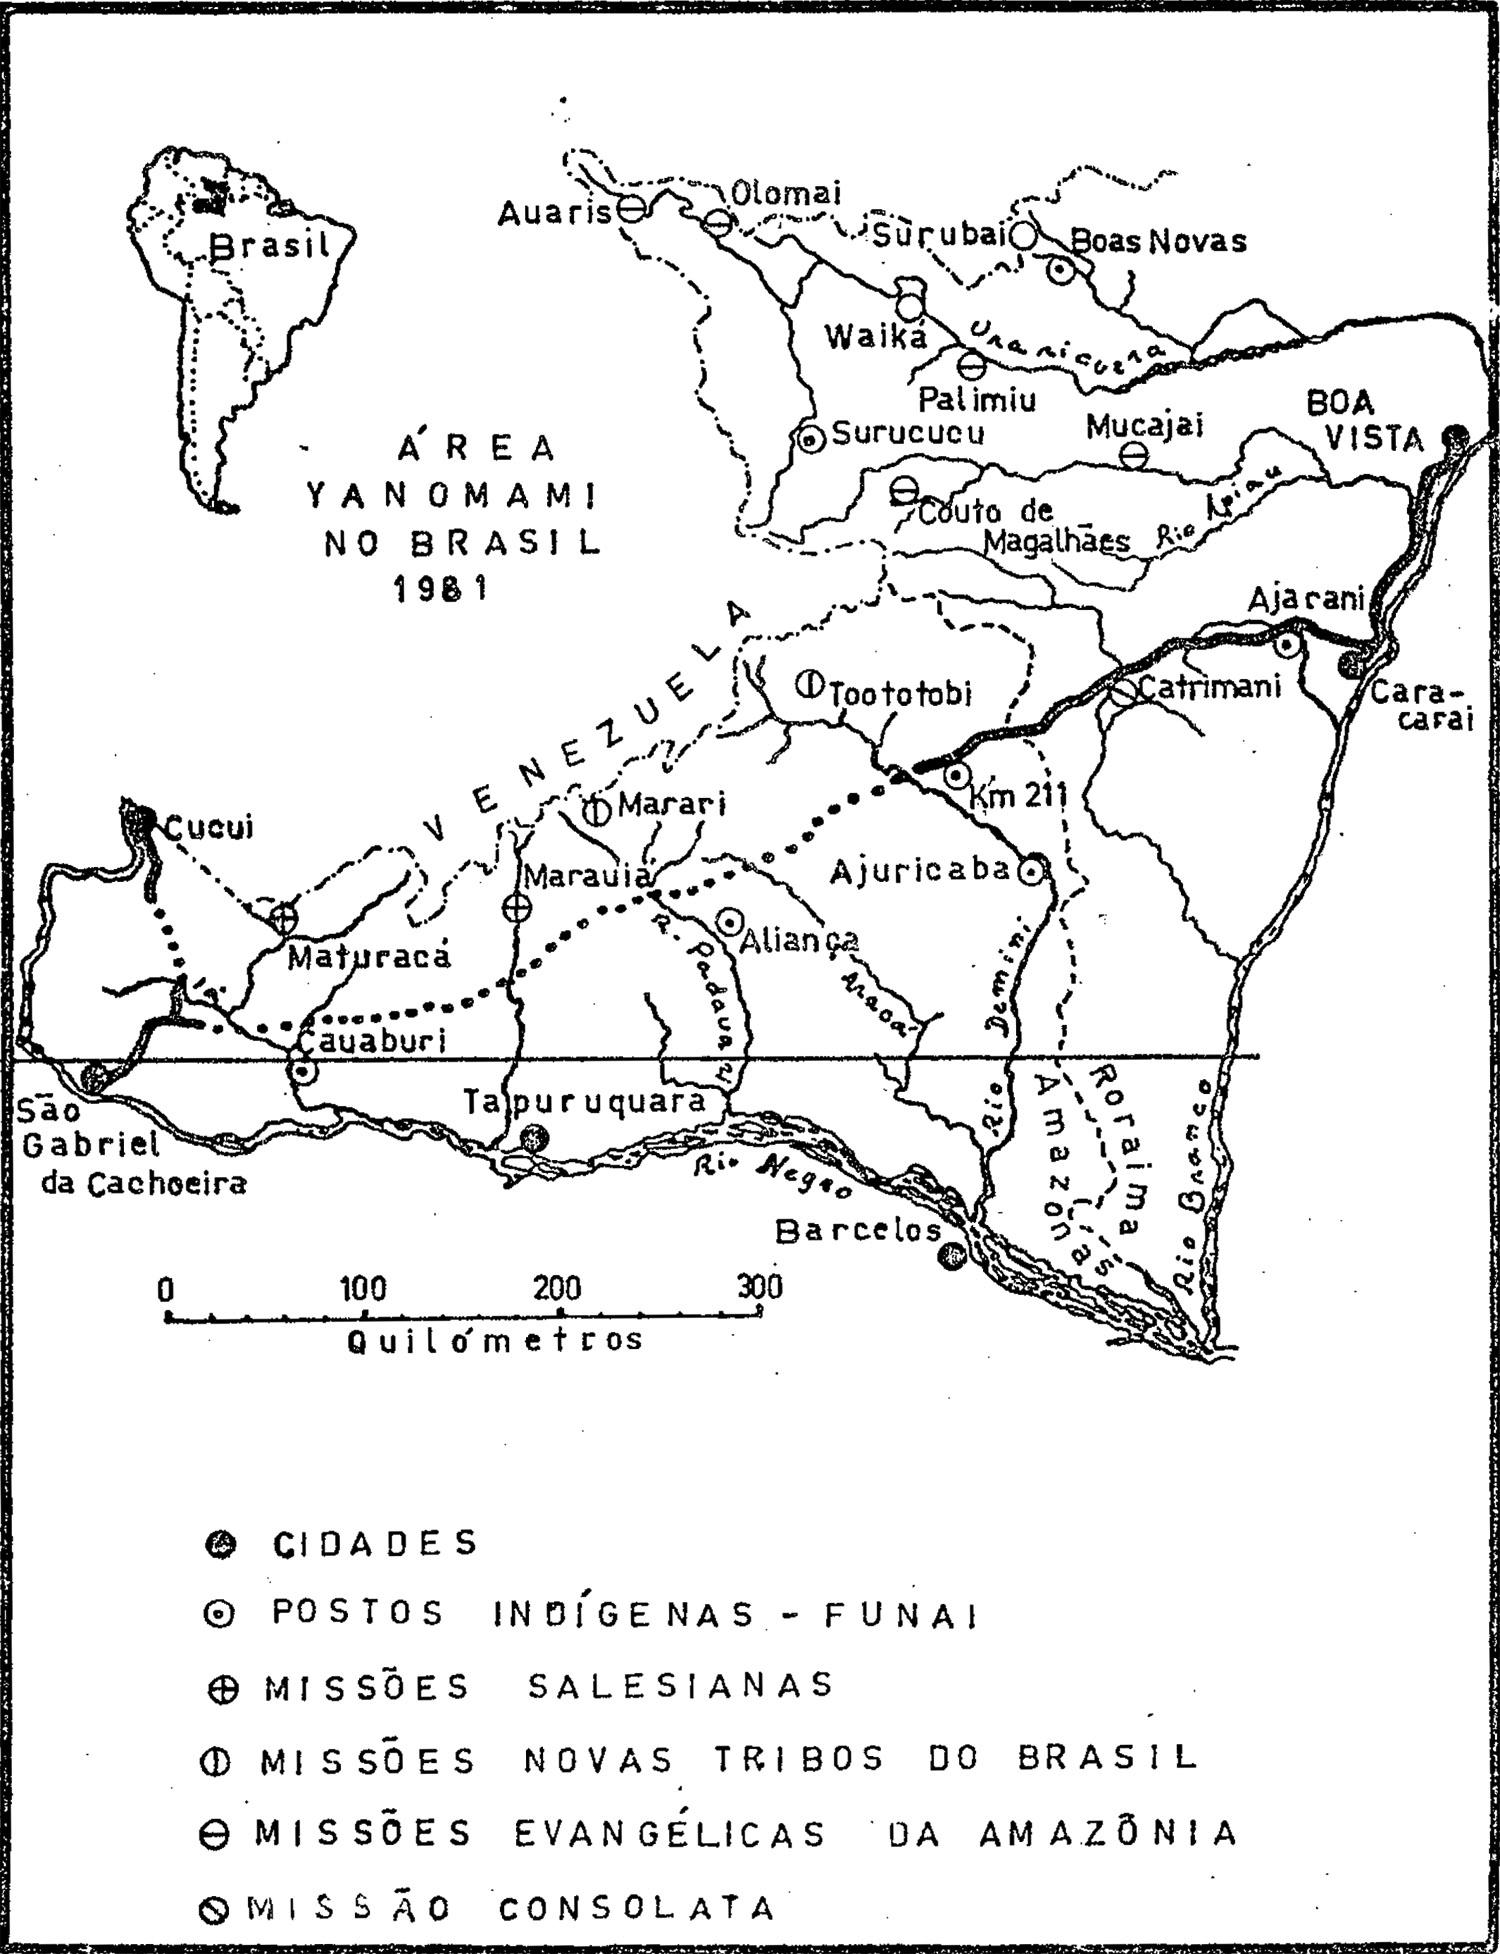 Desenho em traço preto mostrando cidades, postos da FUNAI e missões no território Yanomami no Brasil